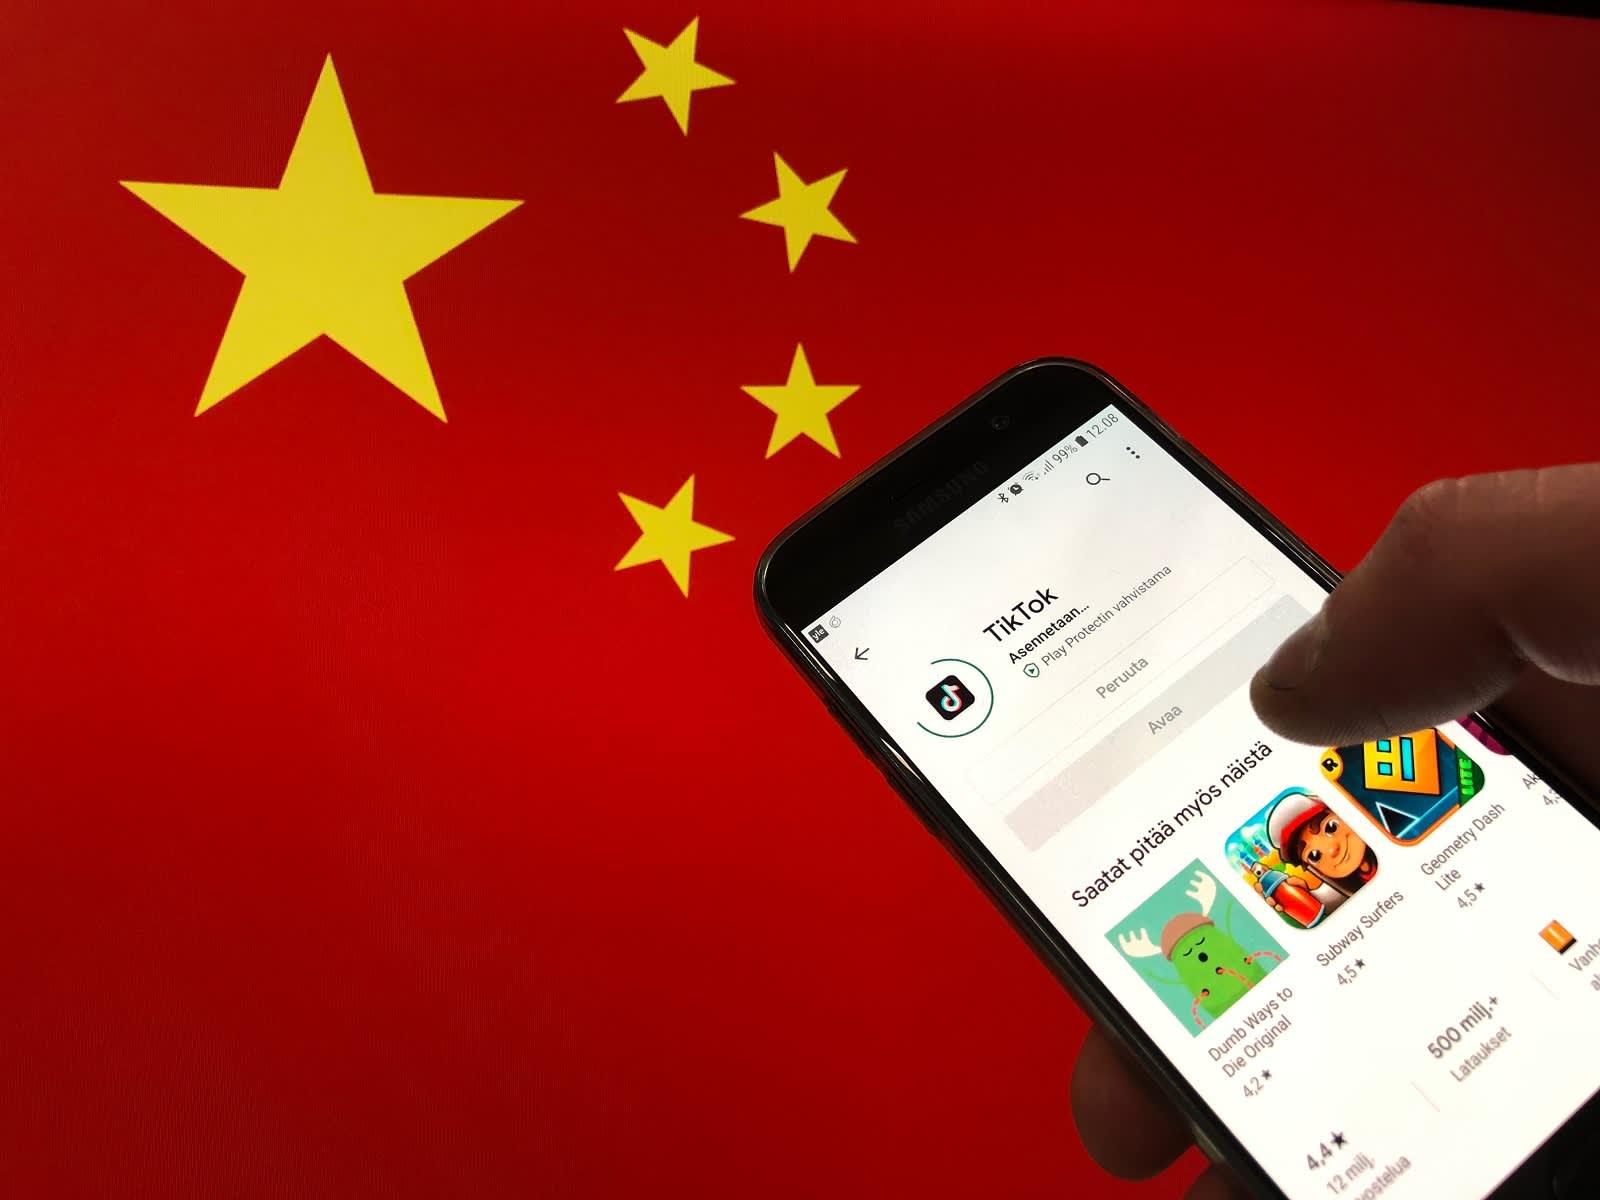 TikTok on kiinalaisen ByteDance-yhtiön palvelu, jonka suosio kasvaa nopeasti.